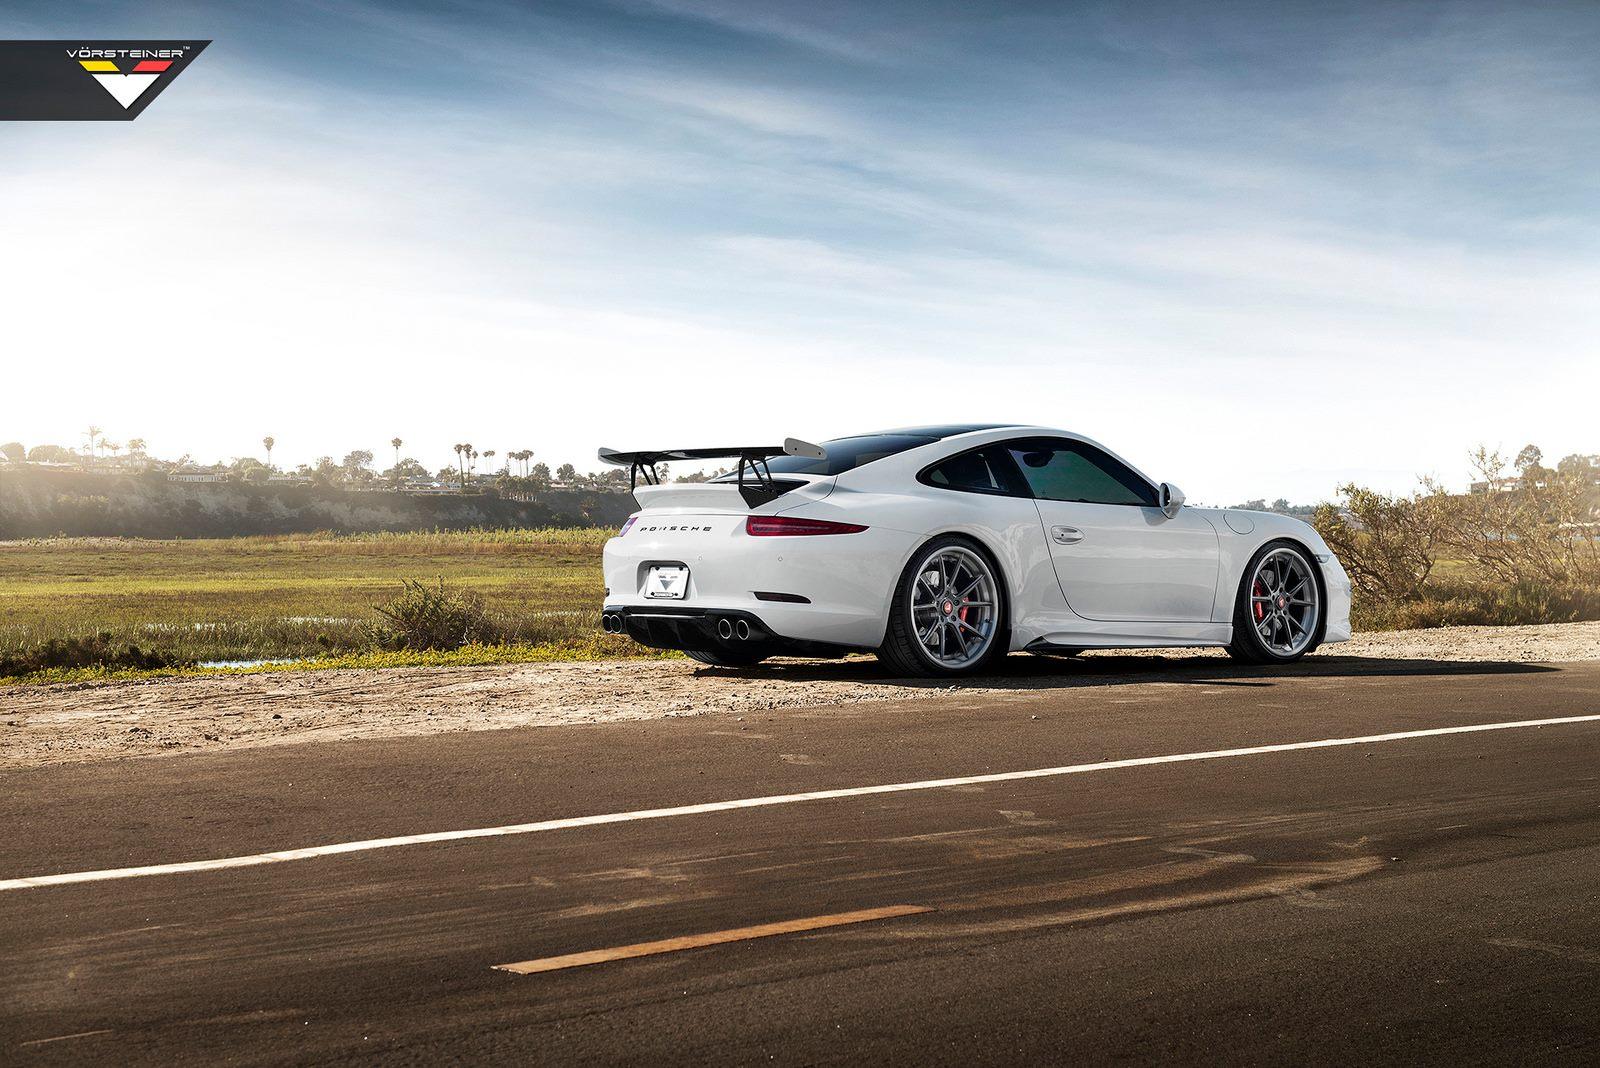 Porsche Newport Beach >> Stunning White Vorsteiner V-GT Porsche 991 Carrera S - GTspirit